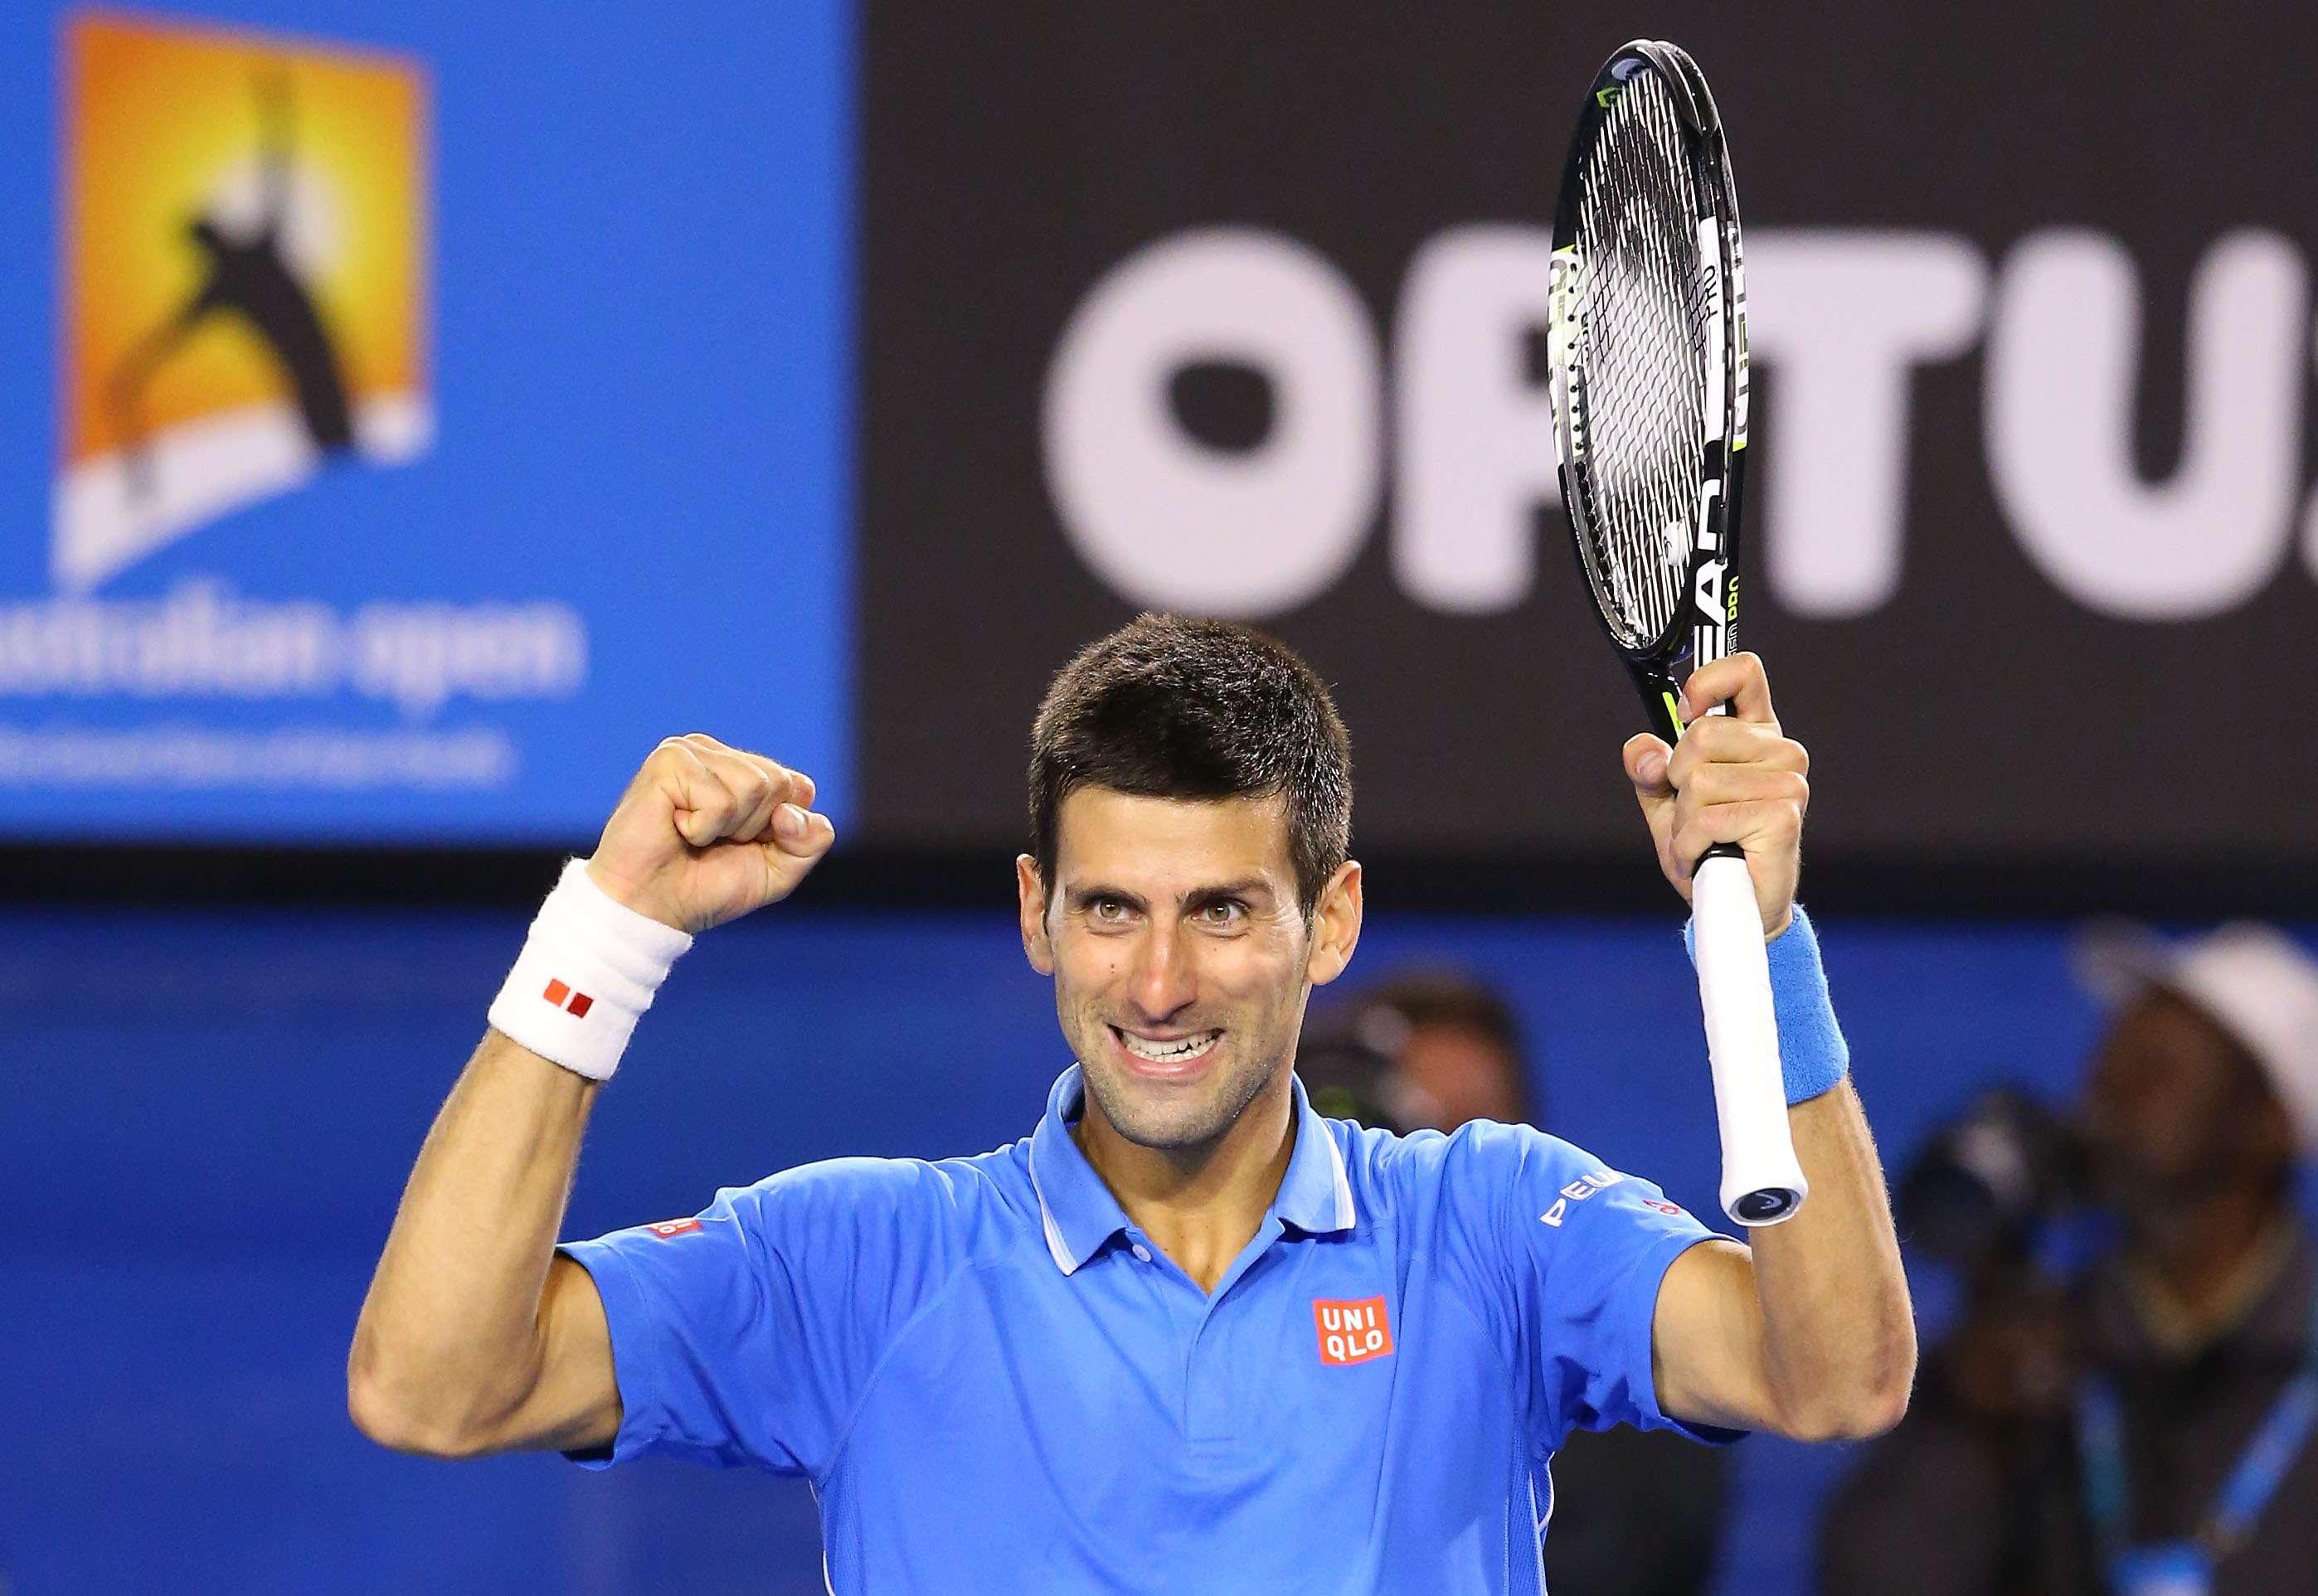 Djokovic se verá las caras con Murray en la final. Foto: Getty Images